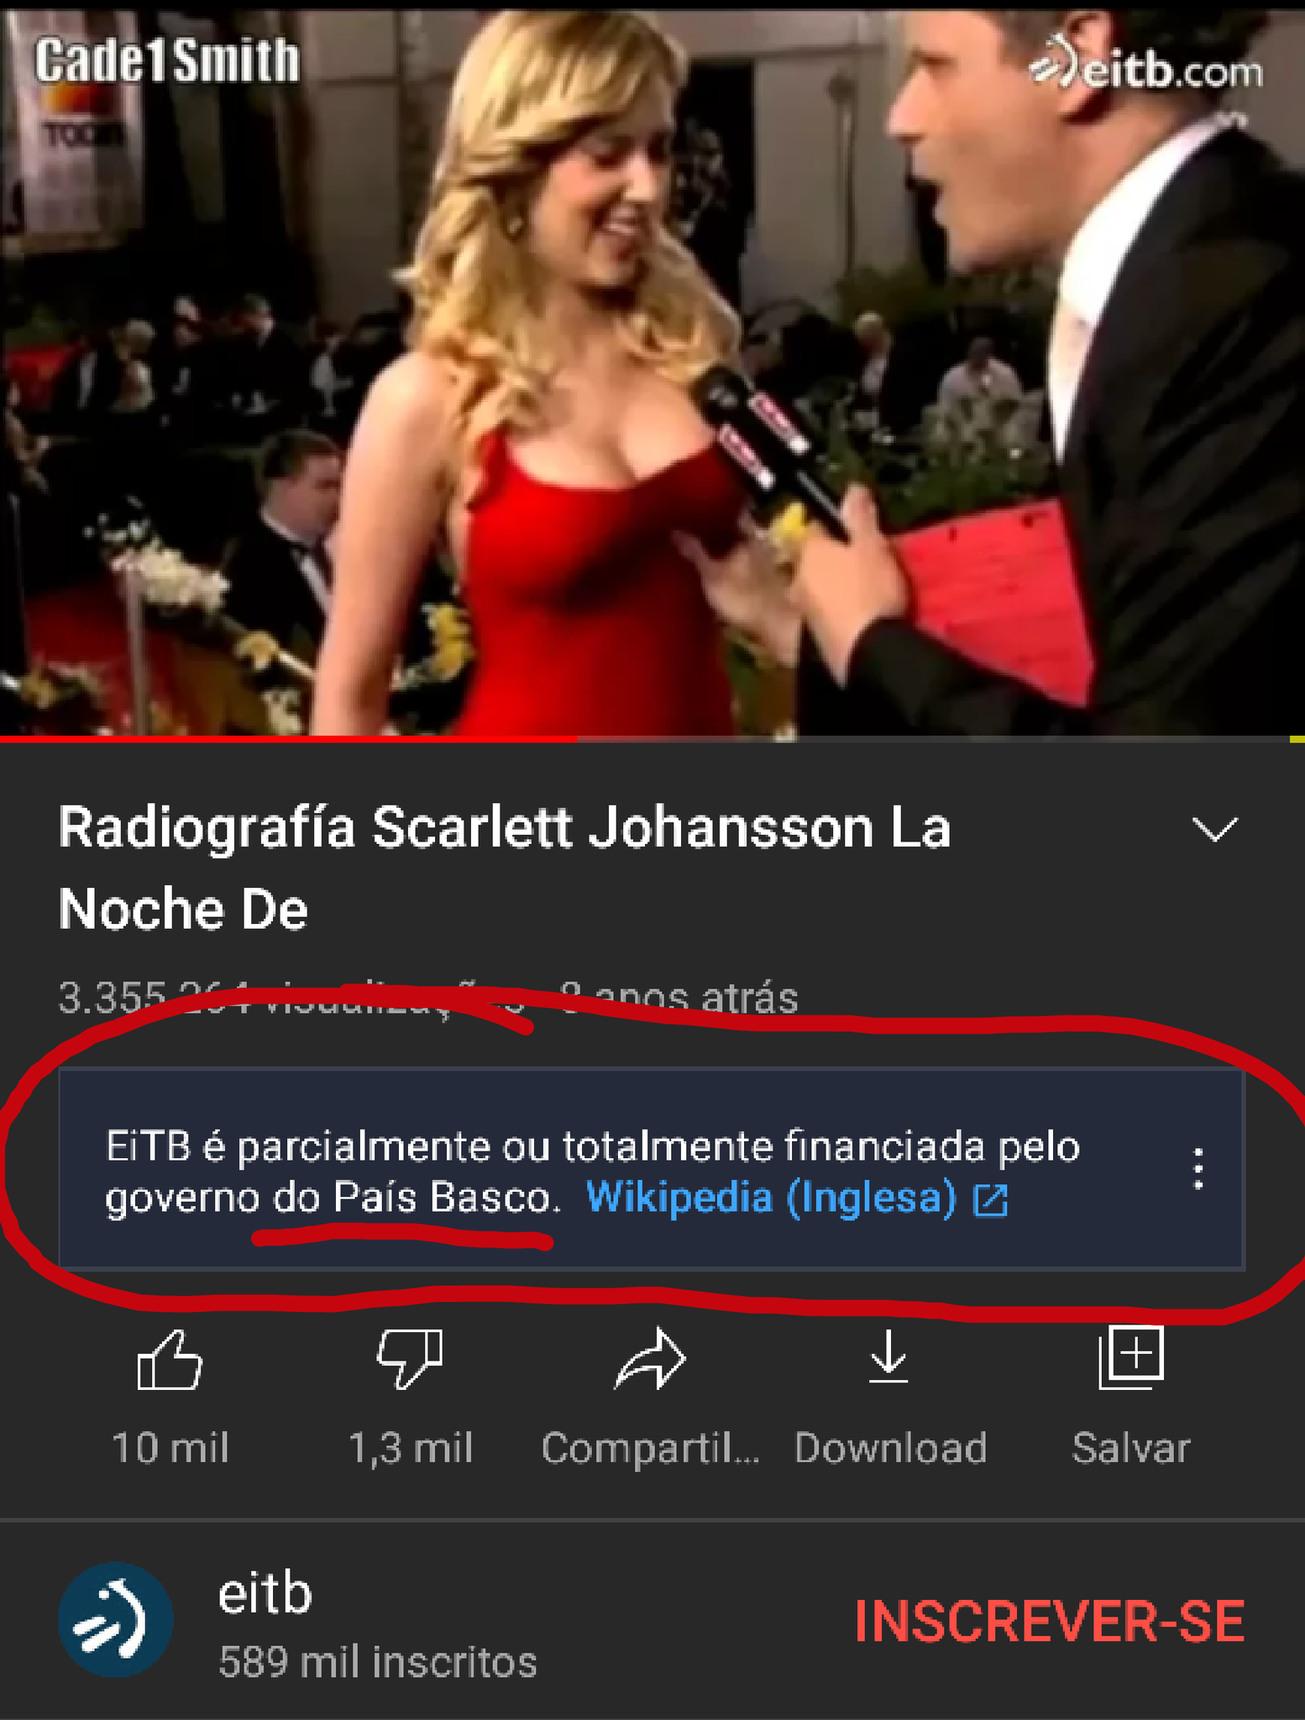 Esse governo do País Basco tá investindo em umas coisas meio estranhas - meme